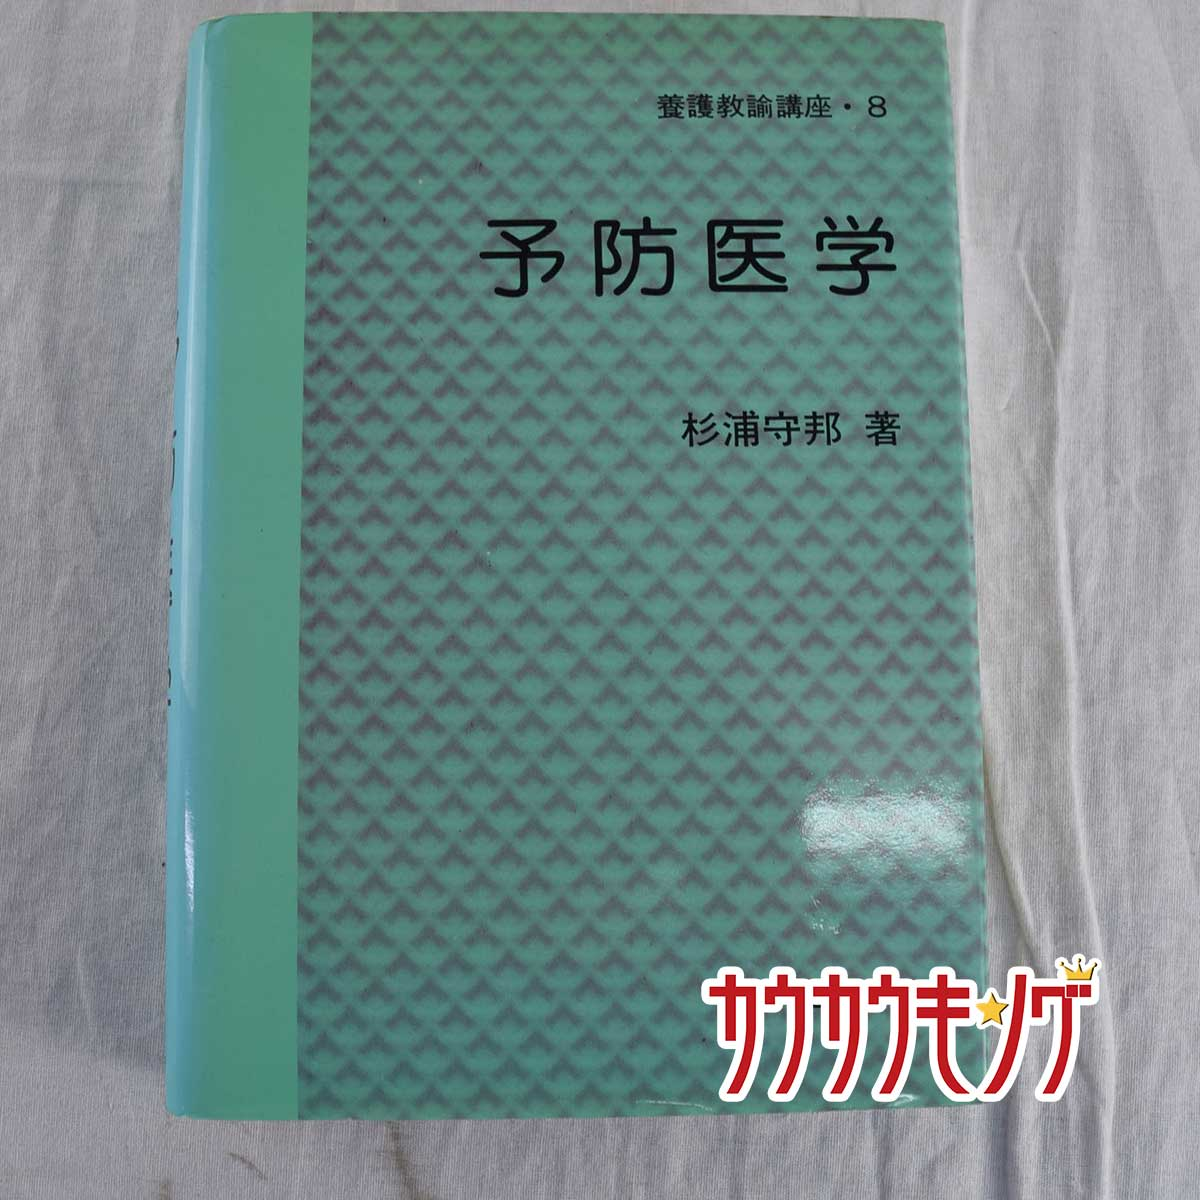 医学・薬学, 医学  8